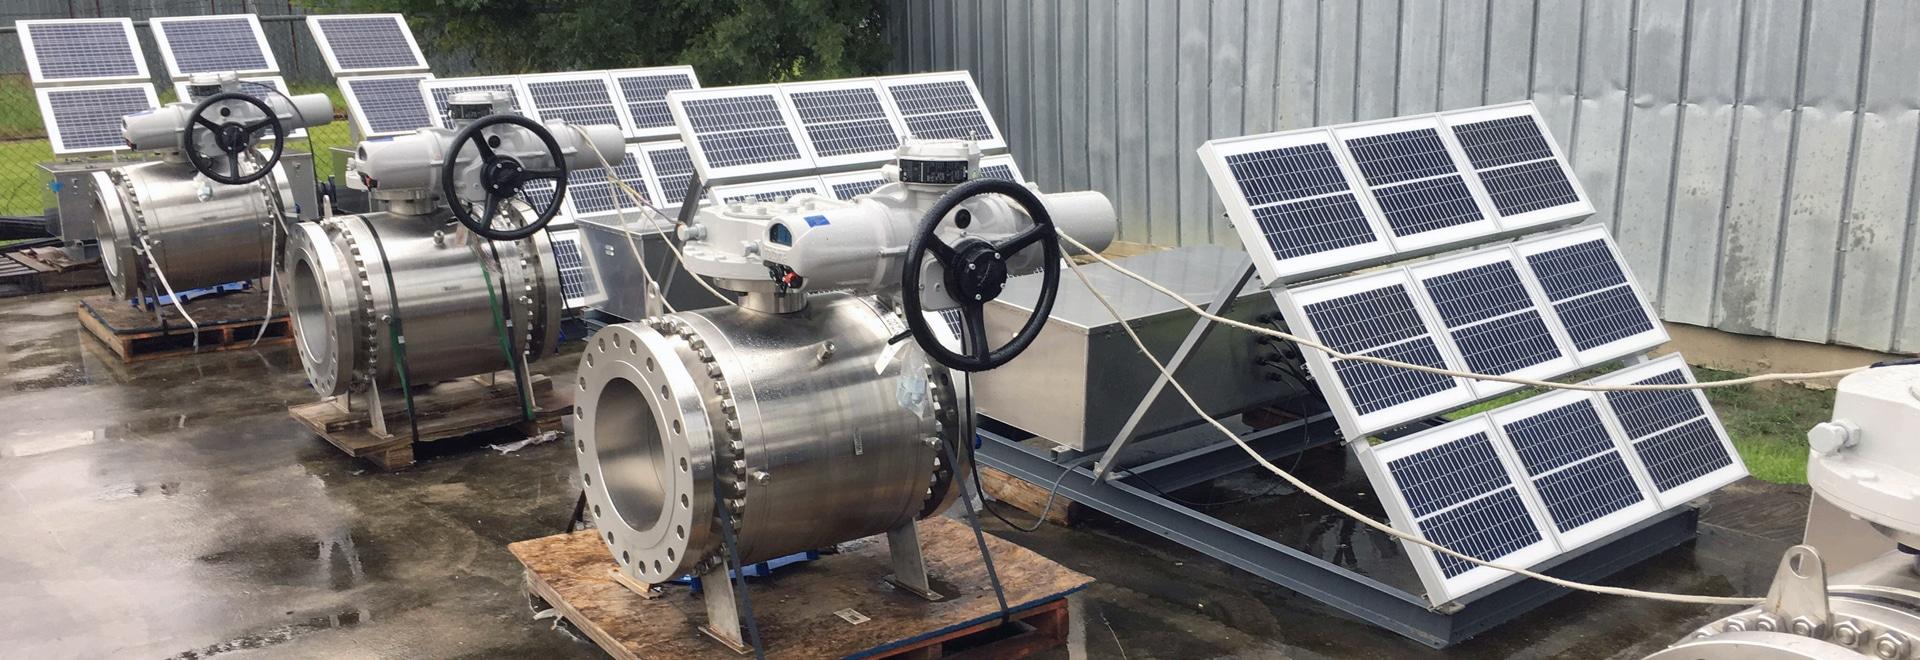 Actuadores eléctricos de Rotork usados en la solución solar de la tubería del campo petrolífero de la pizarra de los E.E.U.U.